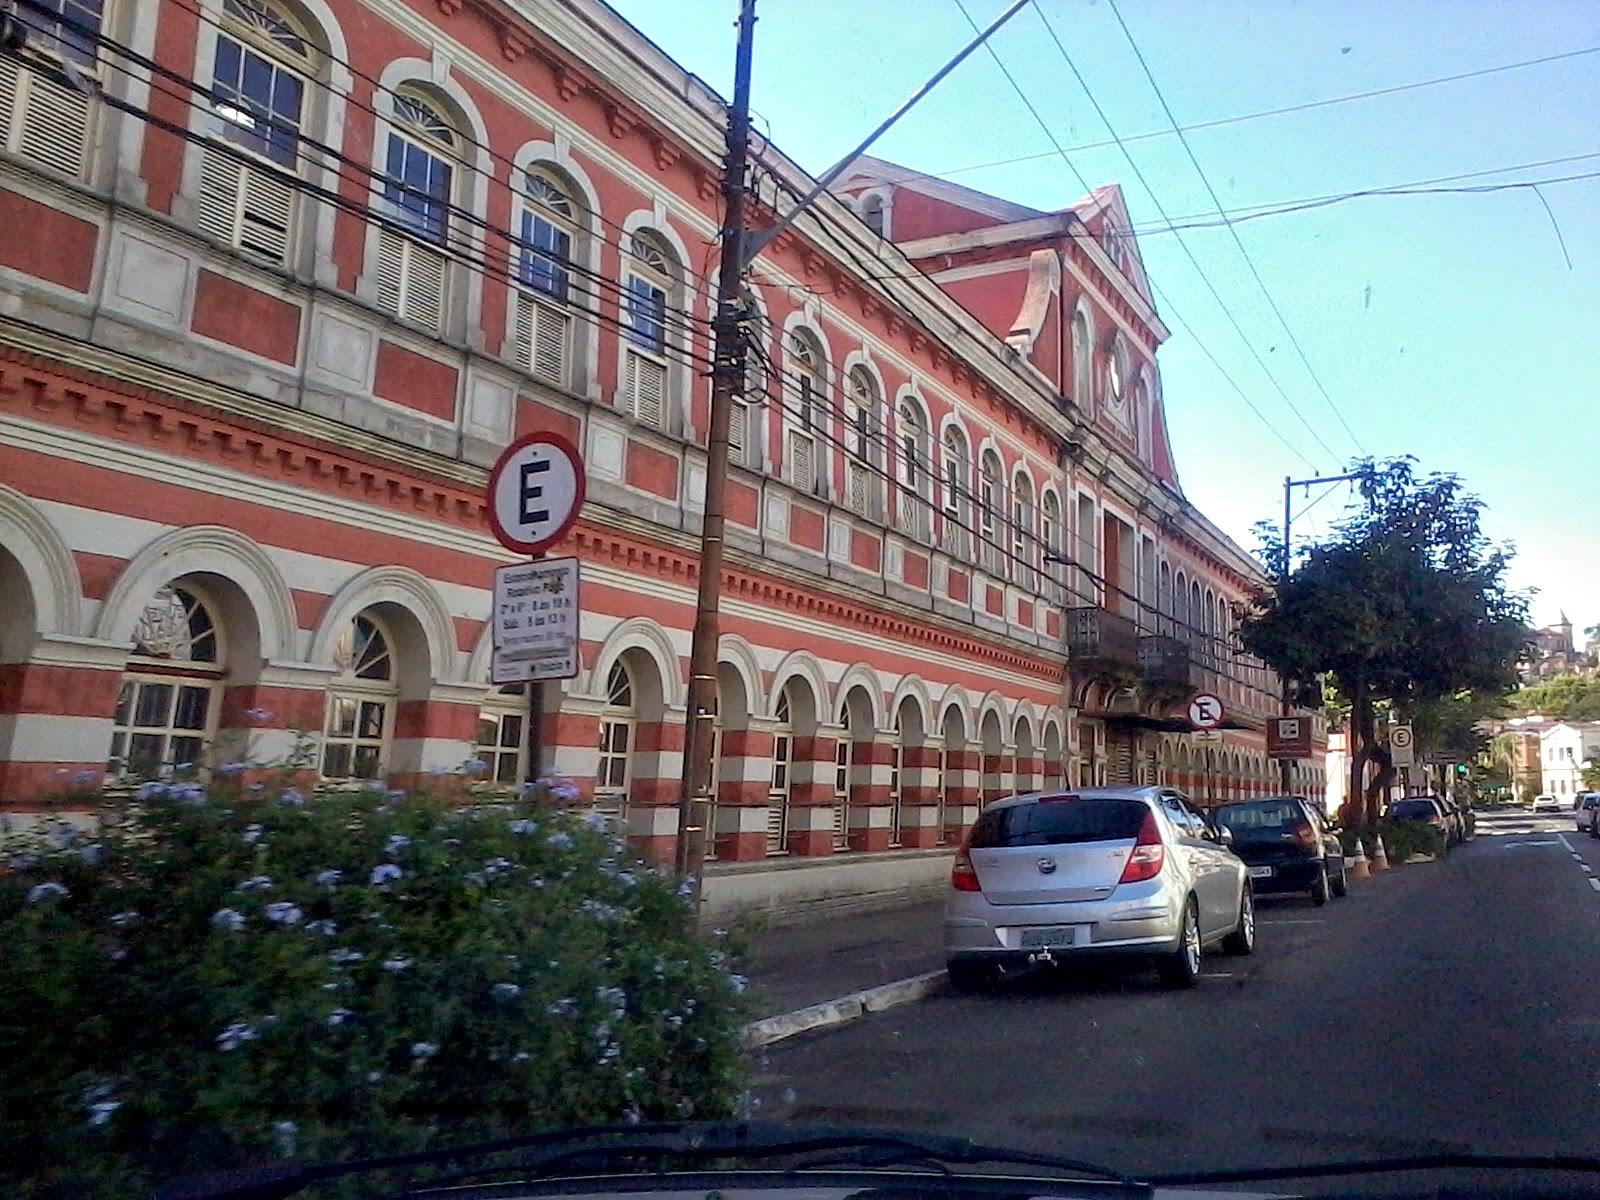 #2B93A0 PaisagemDeJanela: Juiz de Fora e Três Rios Blog Paisagem de Janela 1640 Janela De Aluminio Juiz De Fora